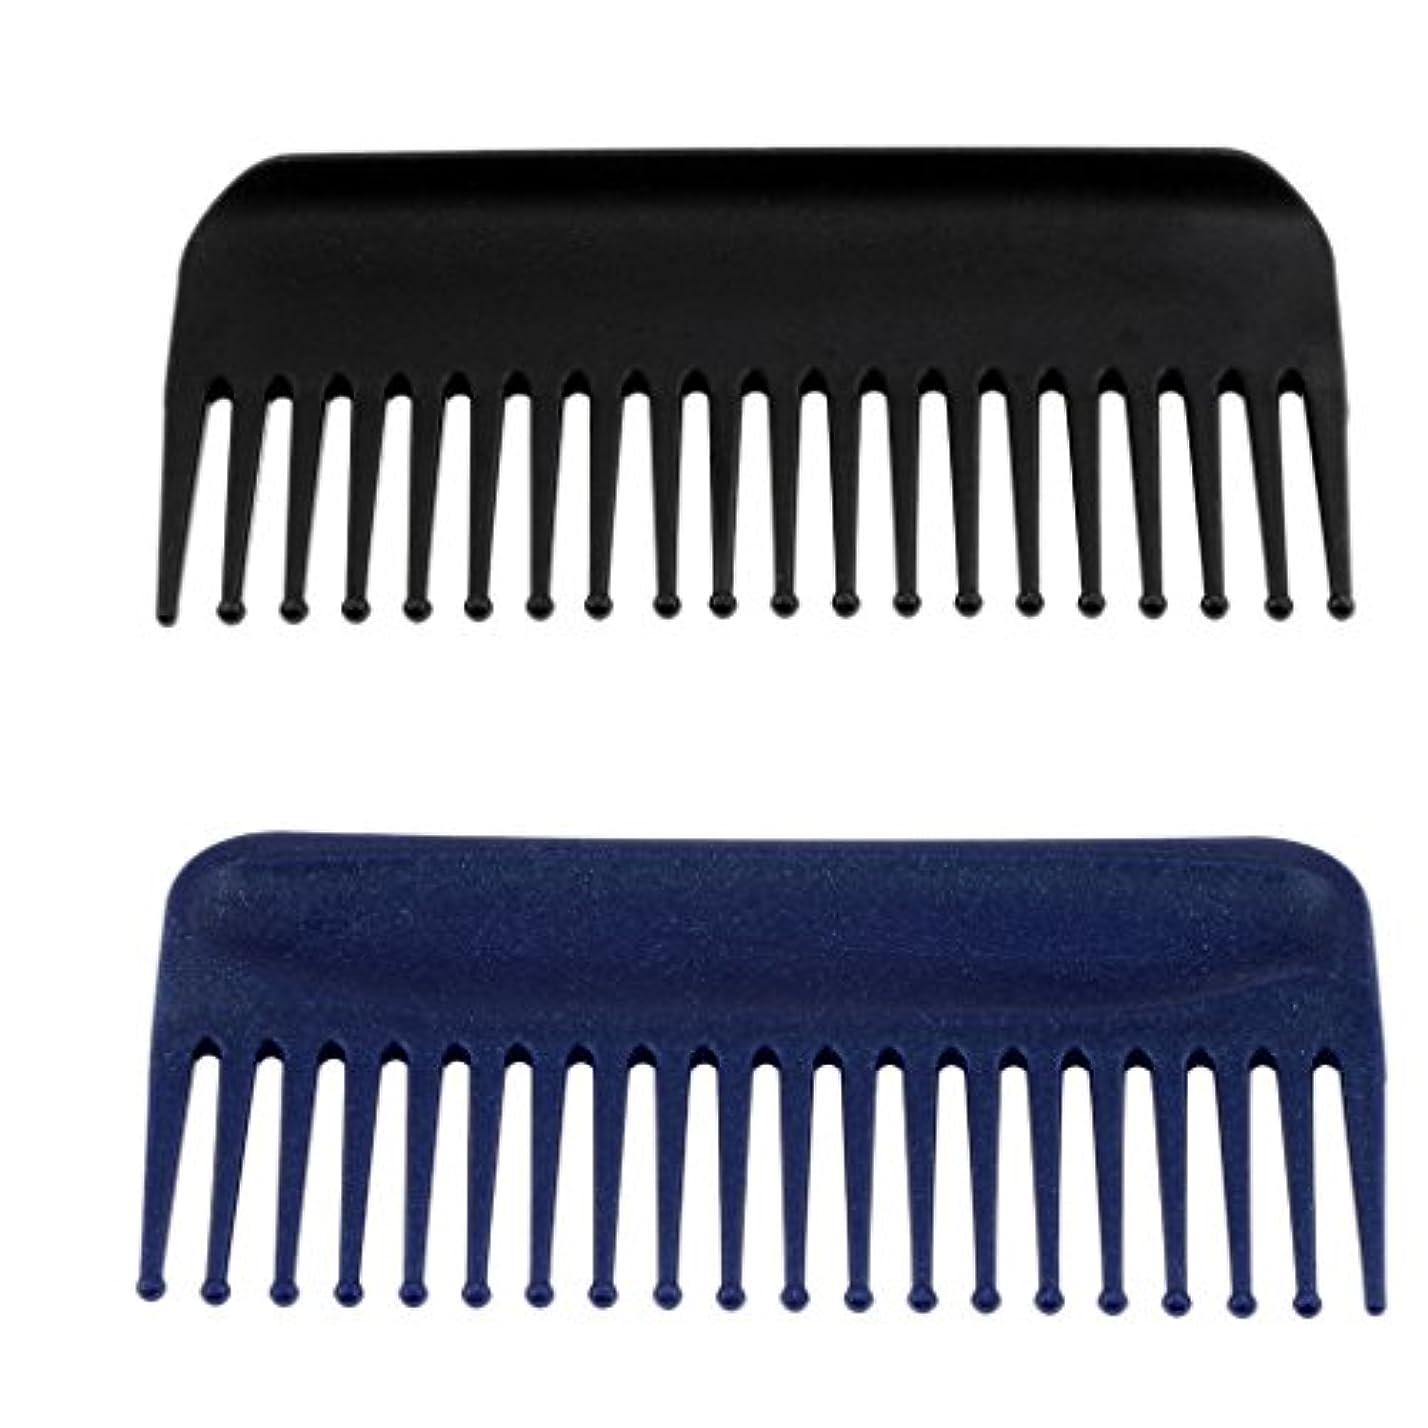 前進エキゾチック遠足Blesiya コーム 櫛 ヘアコーム ヘアブラシ  マッサージ 美髪ケア 快適 プラスチック製 2個